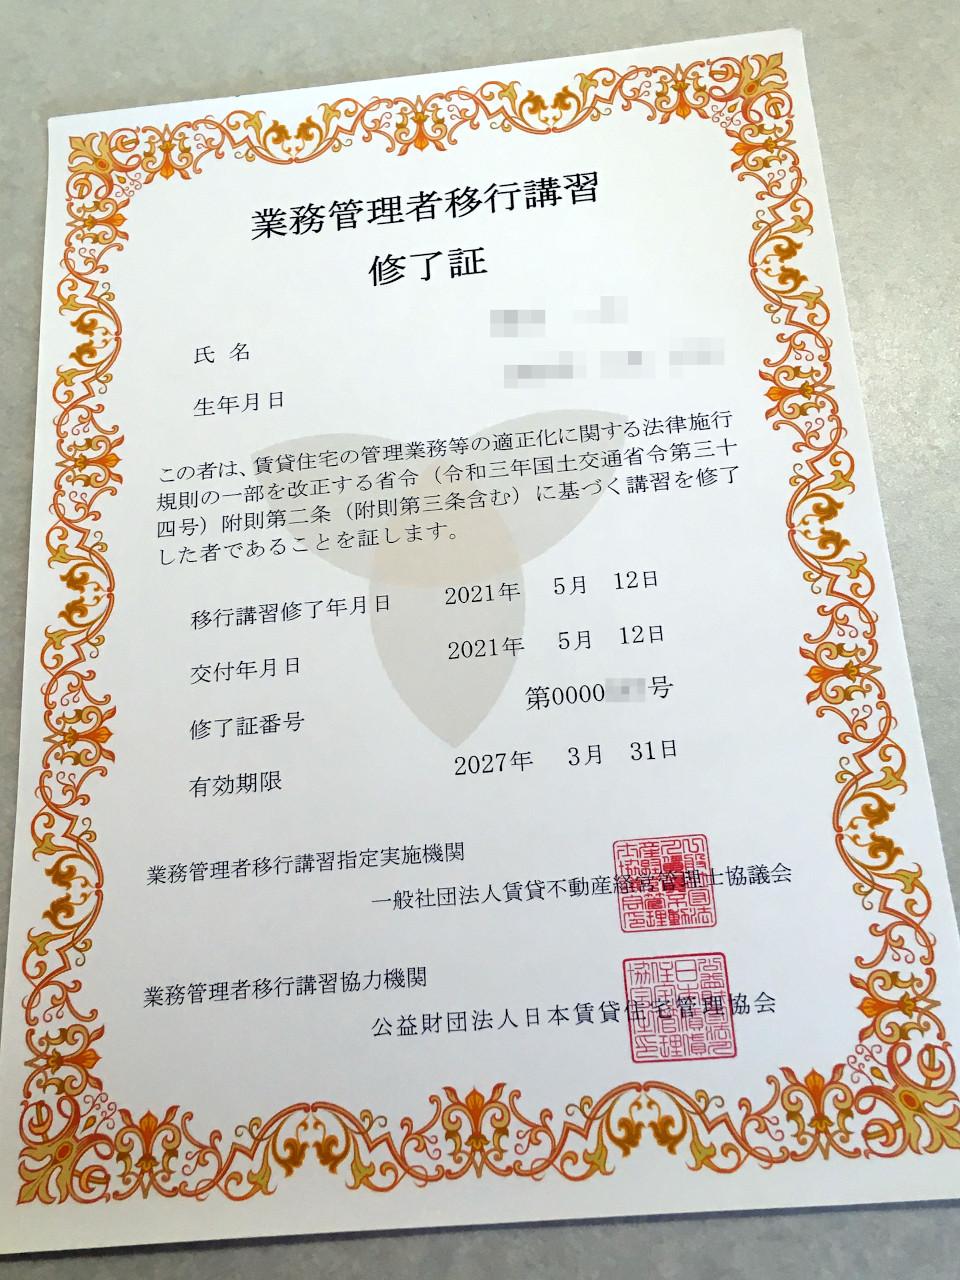 業務管理者移行講習修了証を印刷